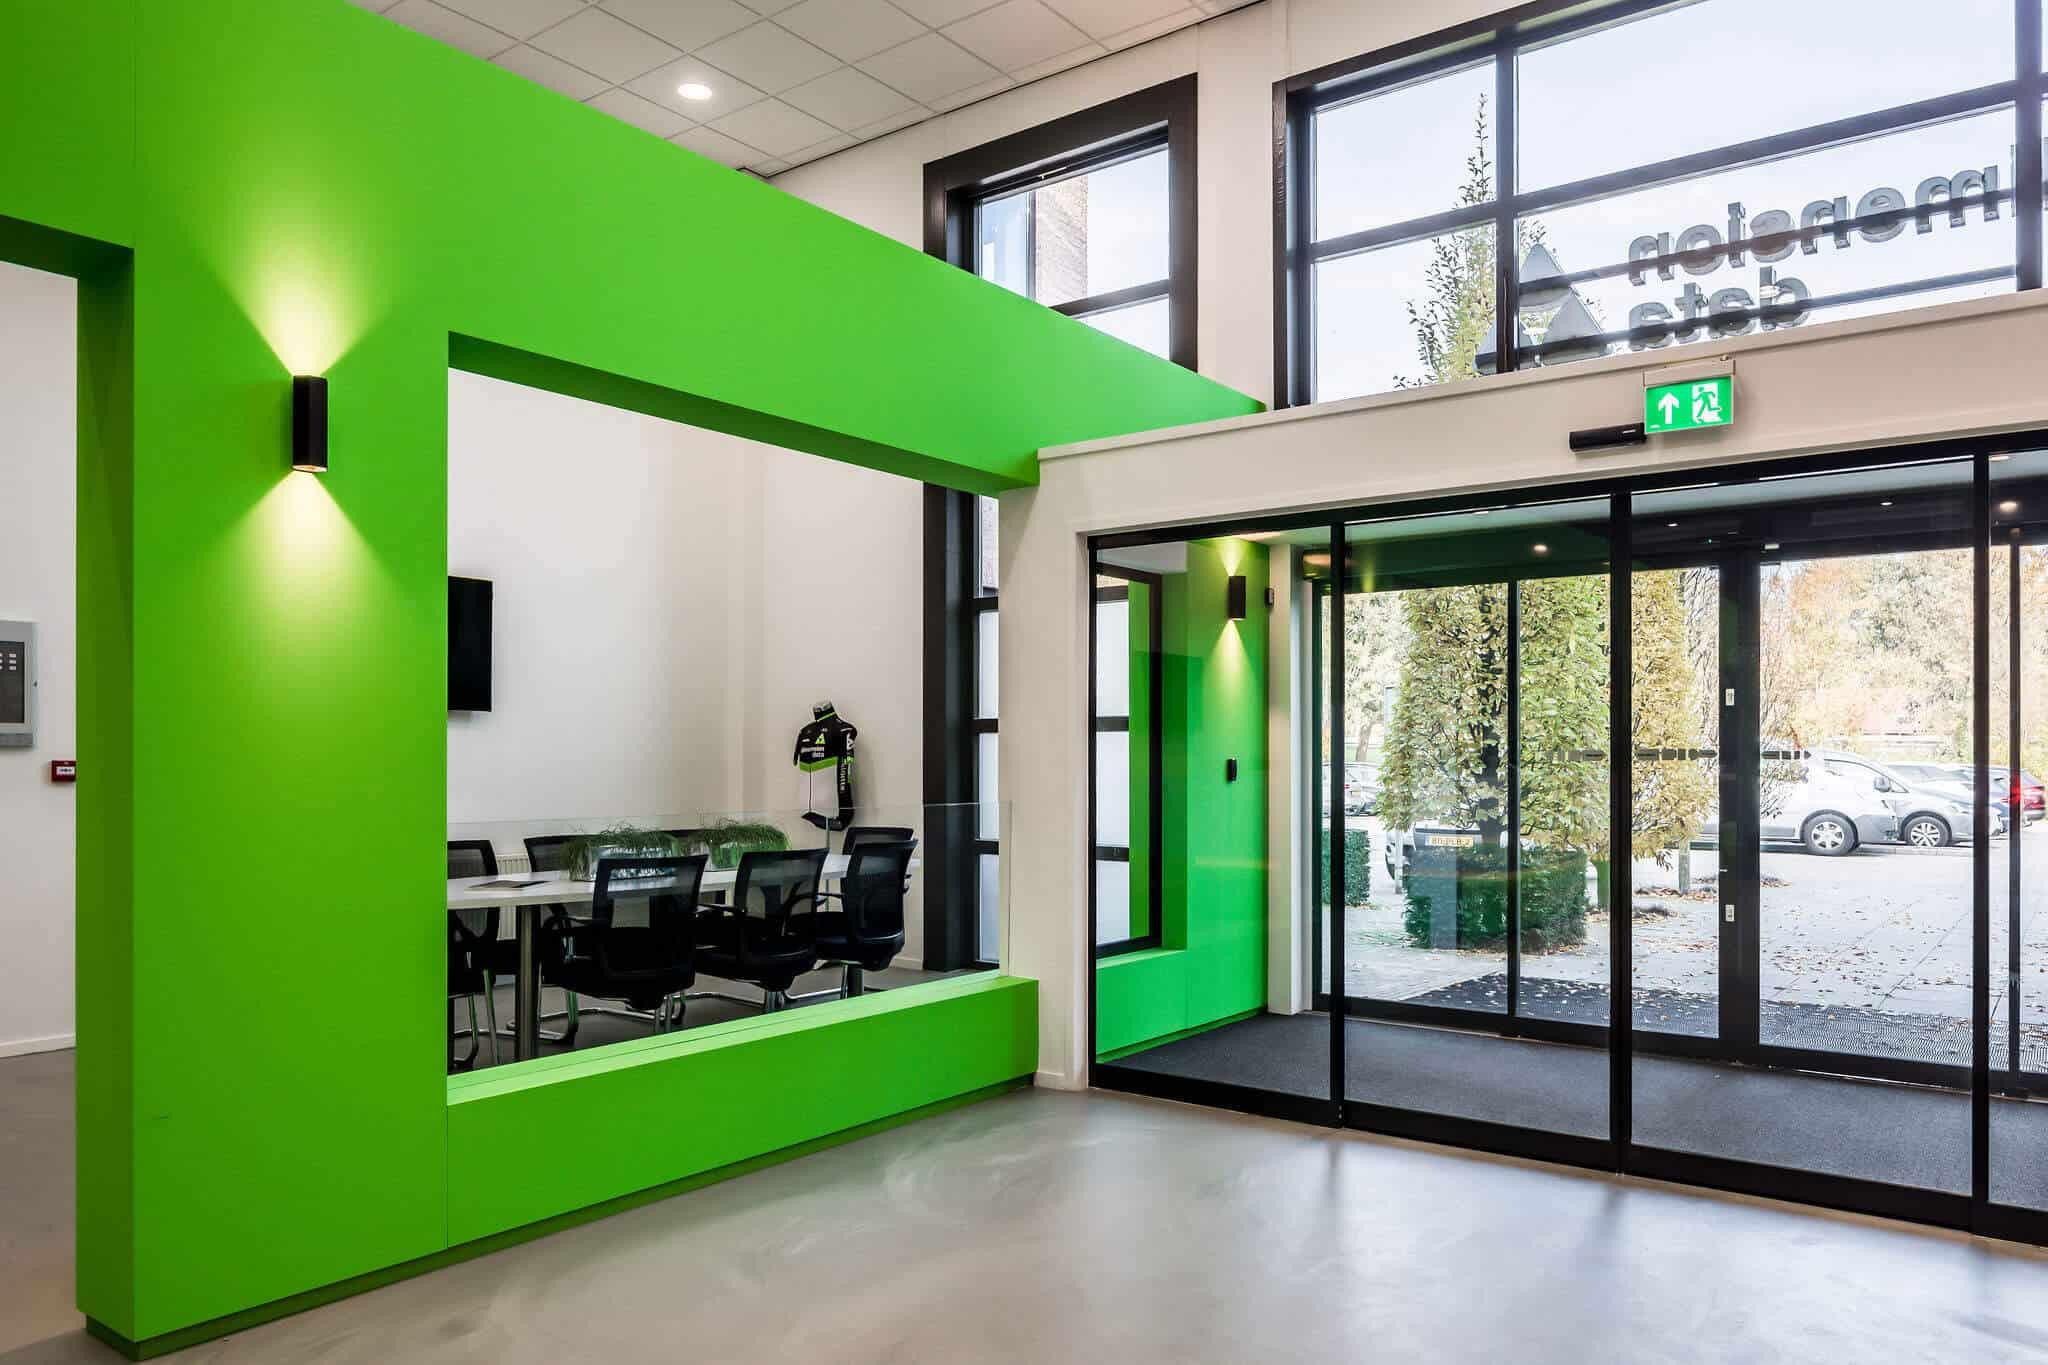 interieur architect Stan van den Wildenberg ontwerpt kantoor Dimension Data Nederland in Amersfoort entree met glazen schuifdeuren